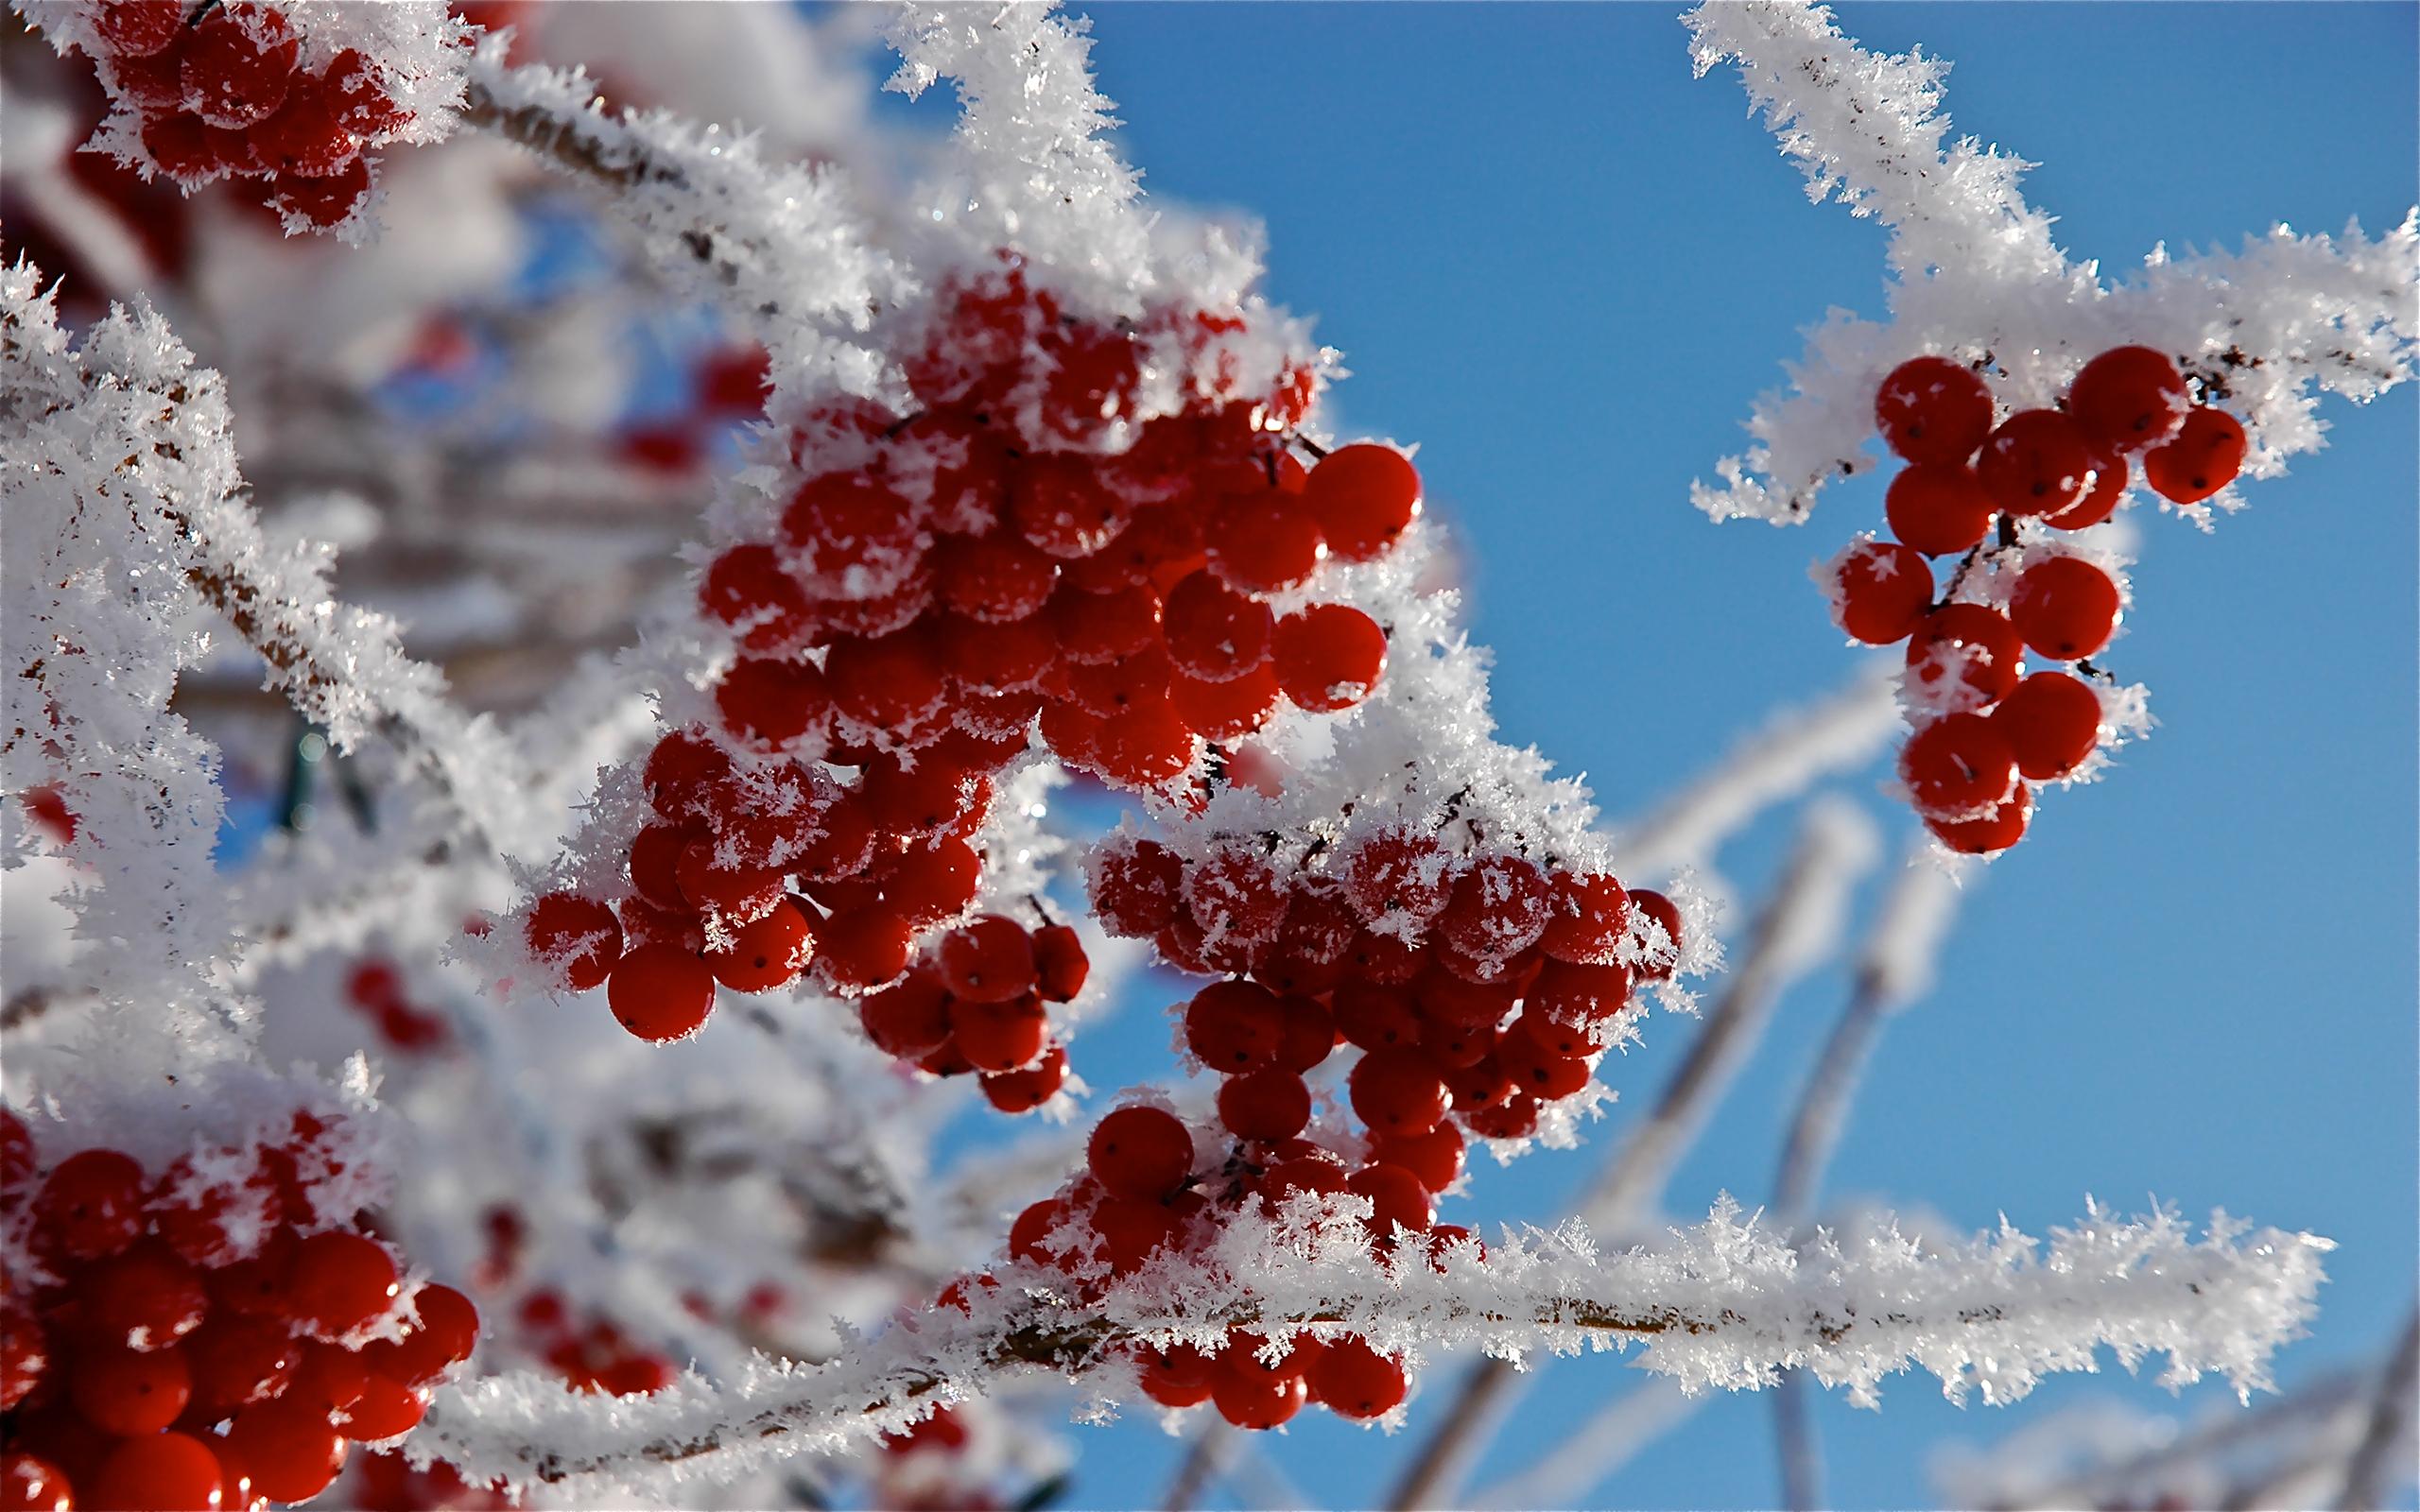 природа мороз рябина зима ветки еда ягоды  № 457120 бесплатно